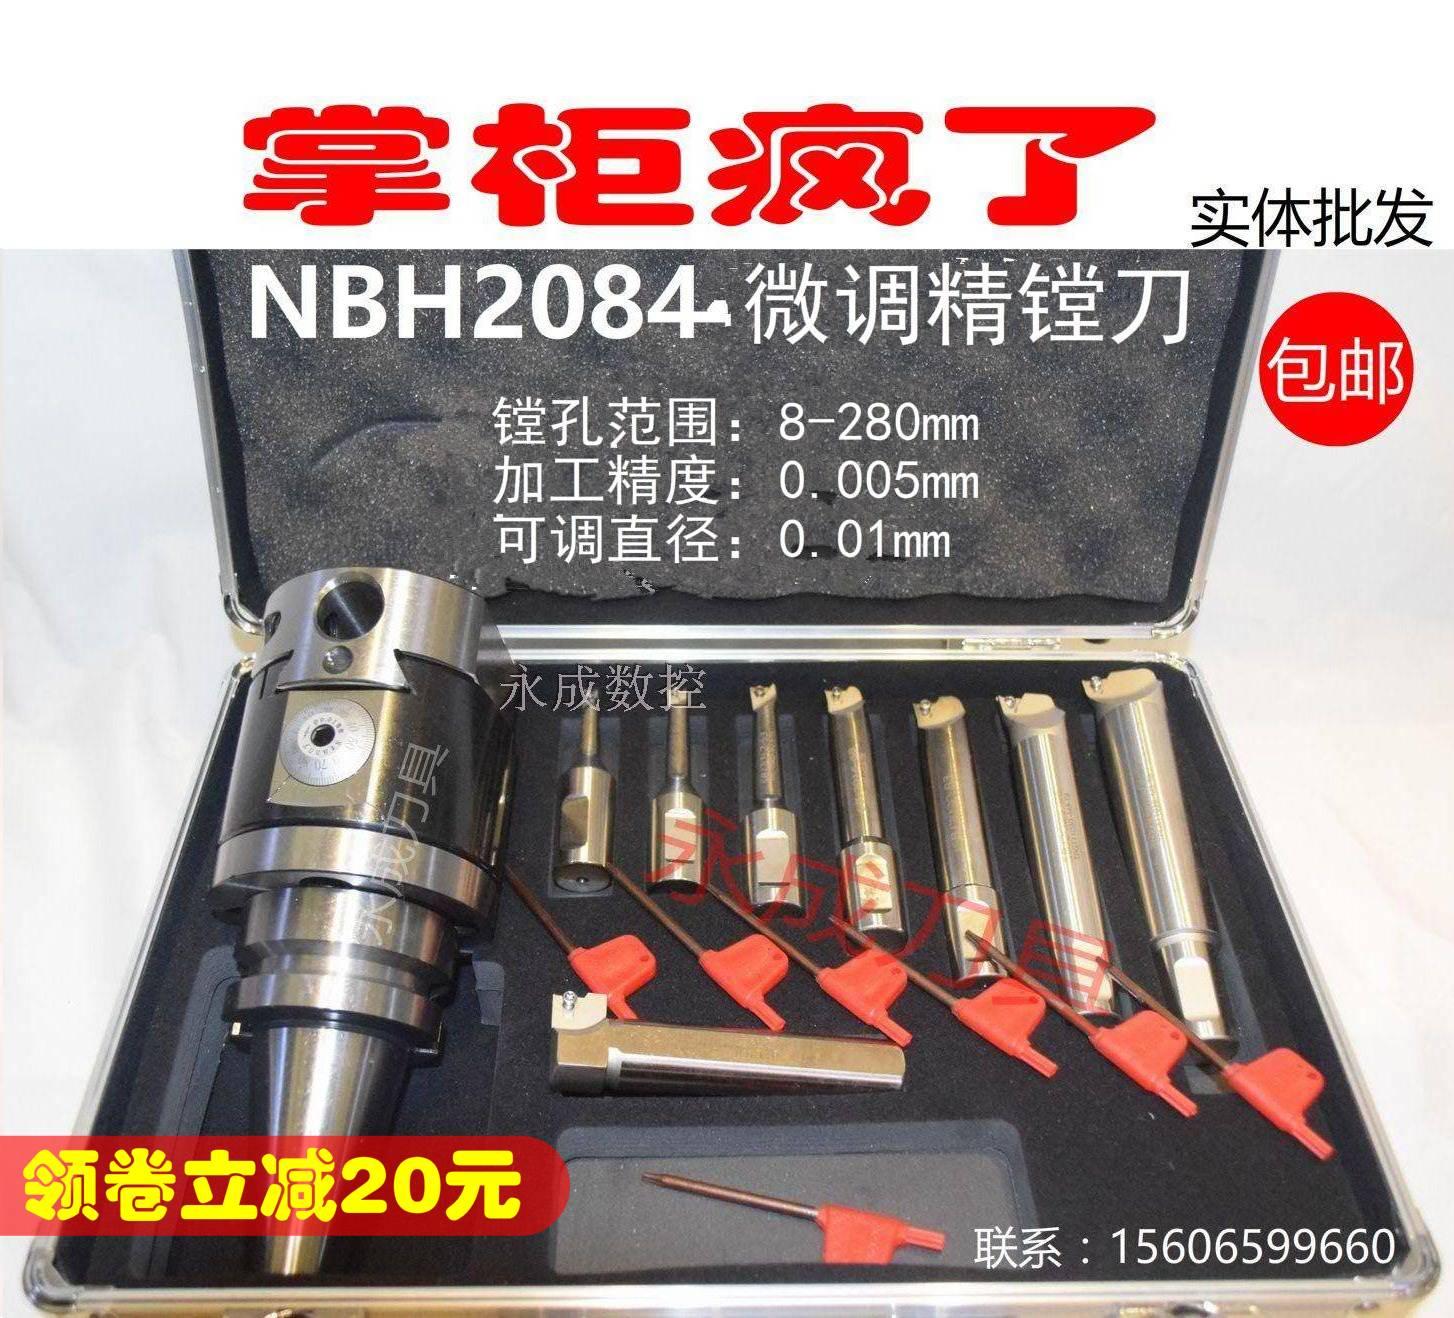 BT50/BT40 NBH2084/ тонкая настройка хорошо скучный нож / обработка центр скучный нож / перфоратор отверстие инструмент / не допускать отверстие